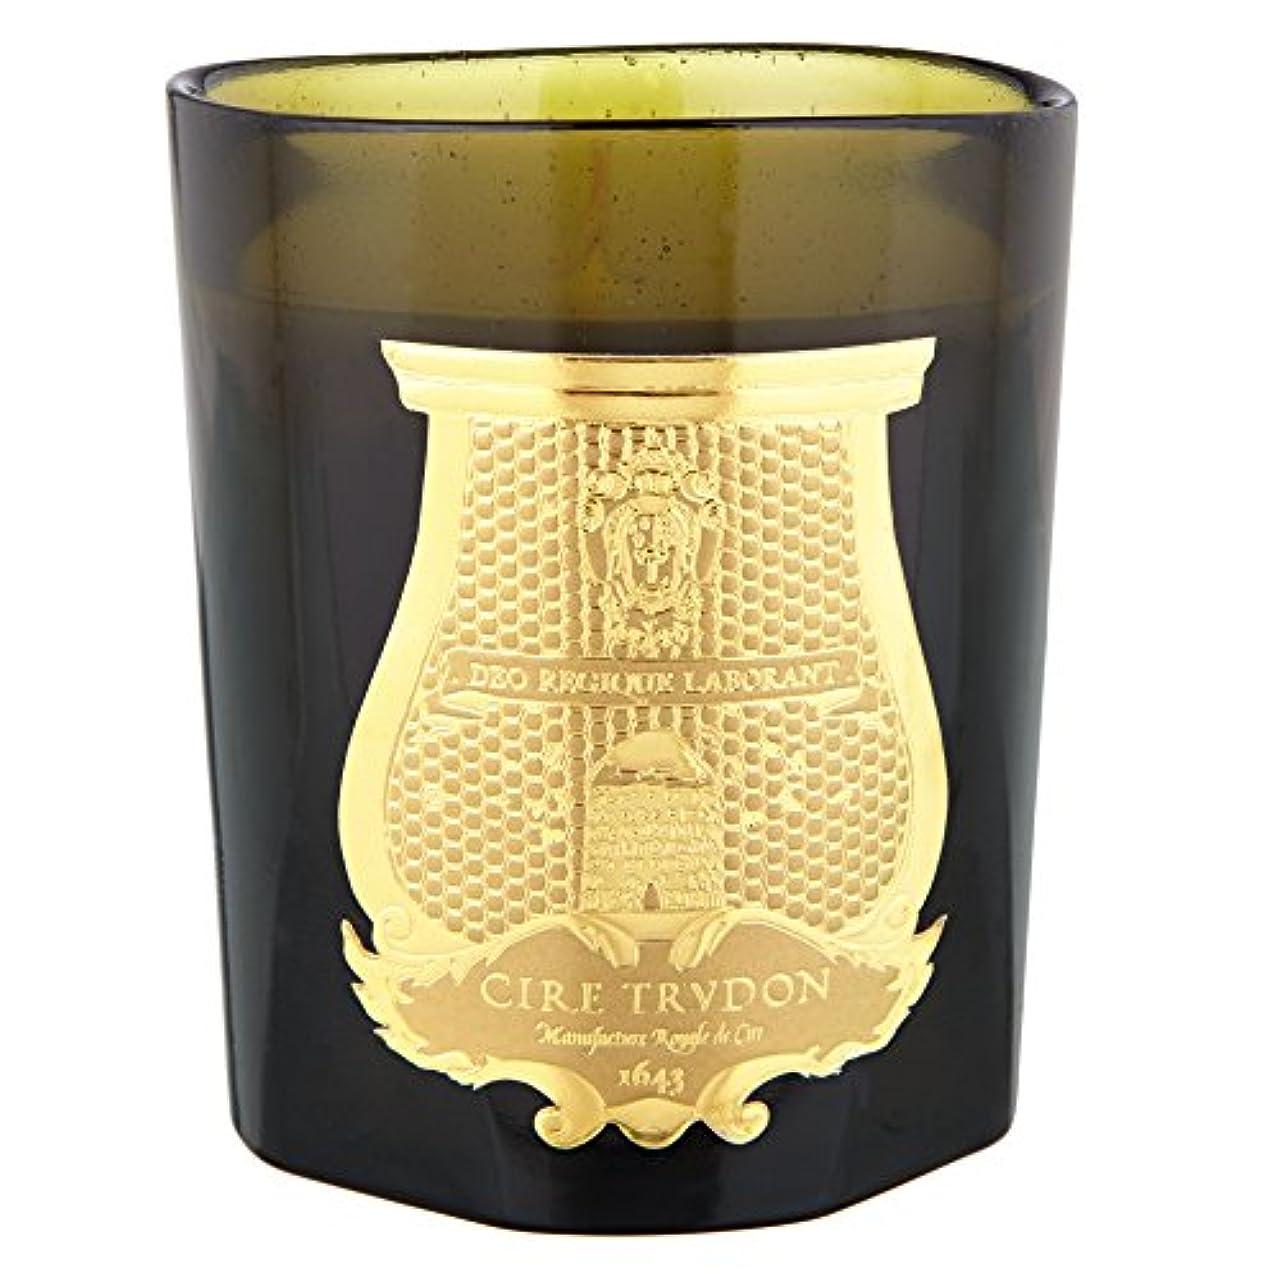 祝う機関車ピニオンCire Trudon Proletaire Scented Candle (Pack of 2) - Cire Trudon Proletaire香りのキャンドル (Cire Trudon) (x2) [並行輸入品]